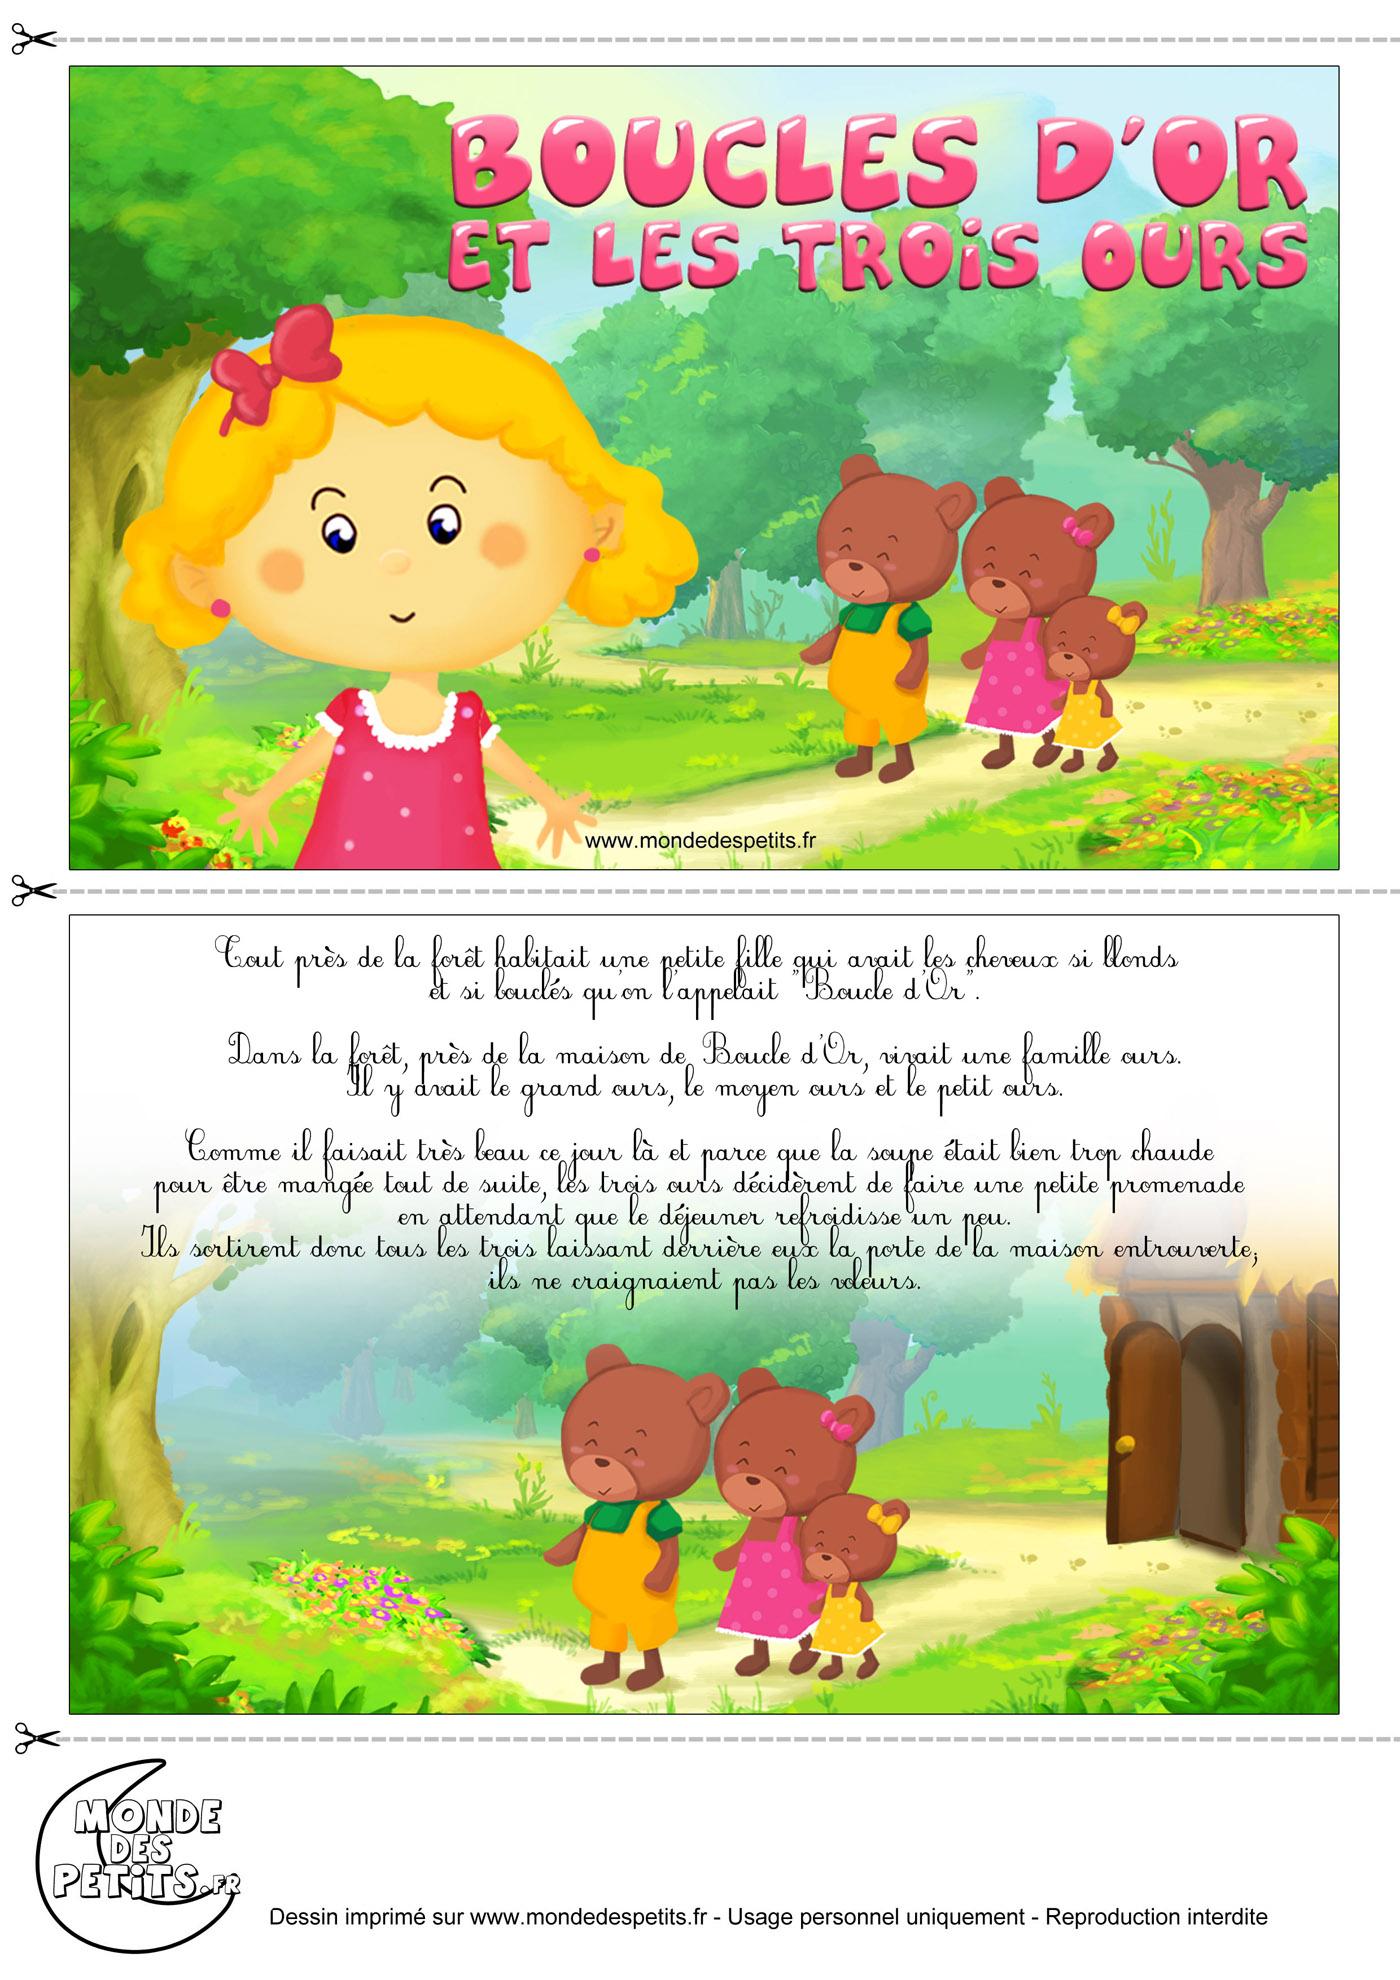 Monde Des Petits - Imprimer destiné Monde Des Petits